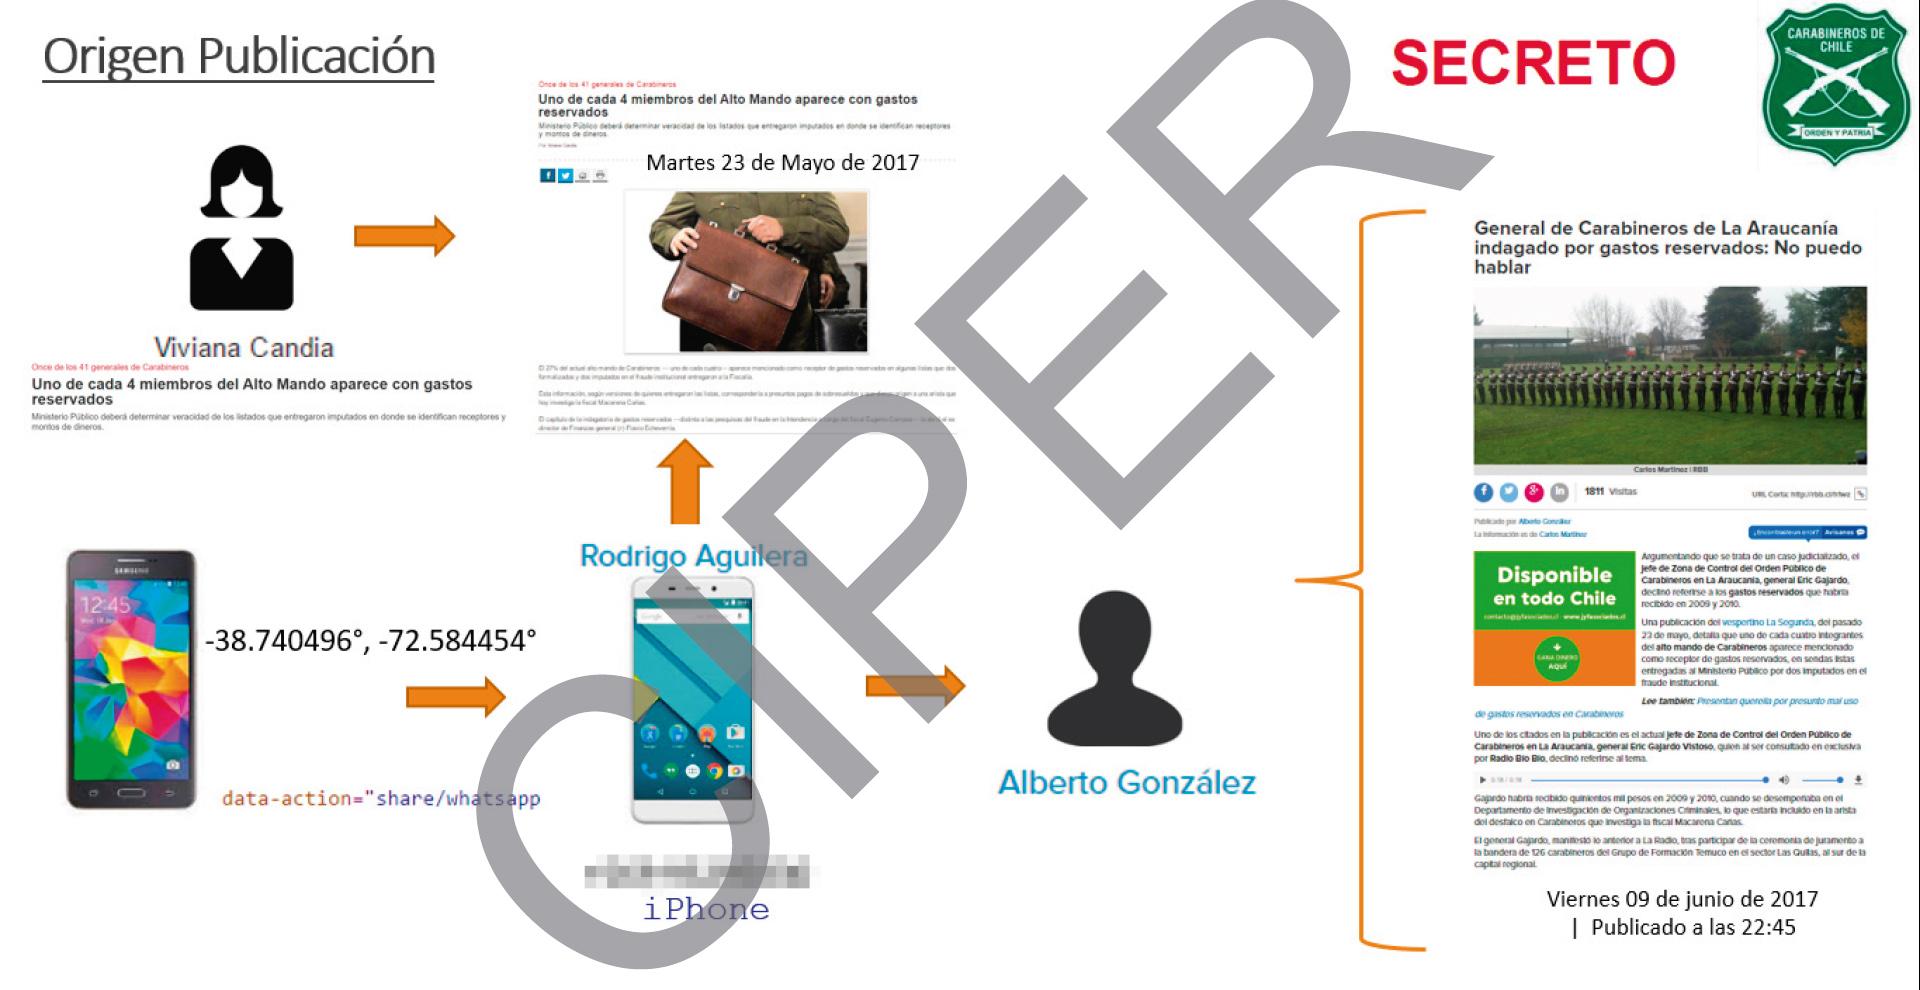 Infografía elaborada por Carabineros donde se sitúa al periodista Rodrigo Aguilera al centro de informaciones aparecidas en La Segunda y Radio Biobio